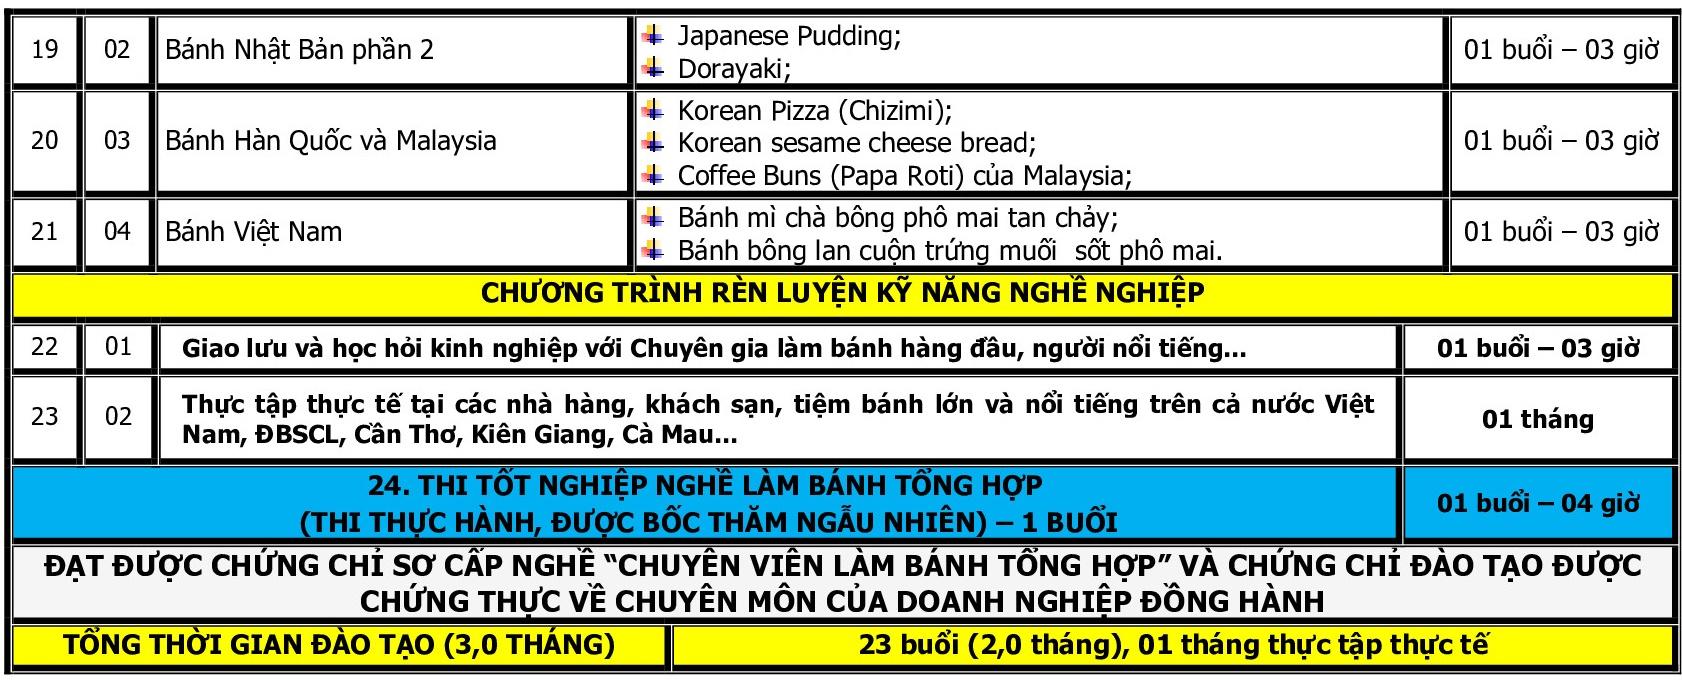 CT DAO TAO BANH TONG HOP_p003